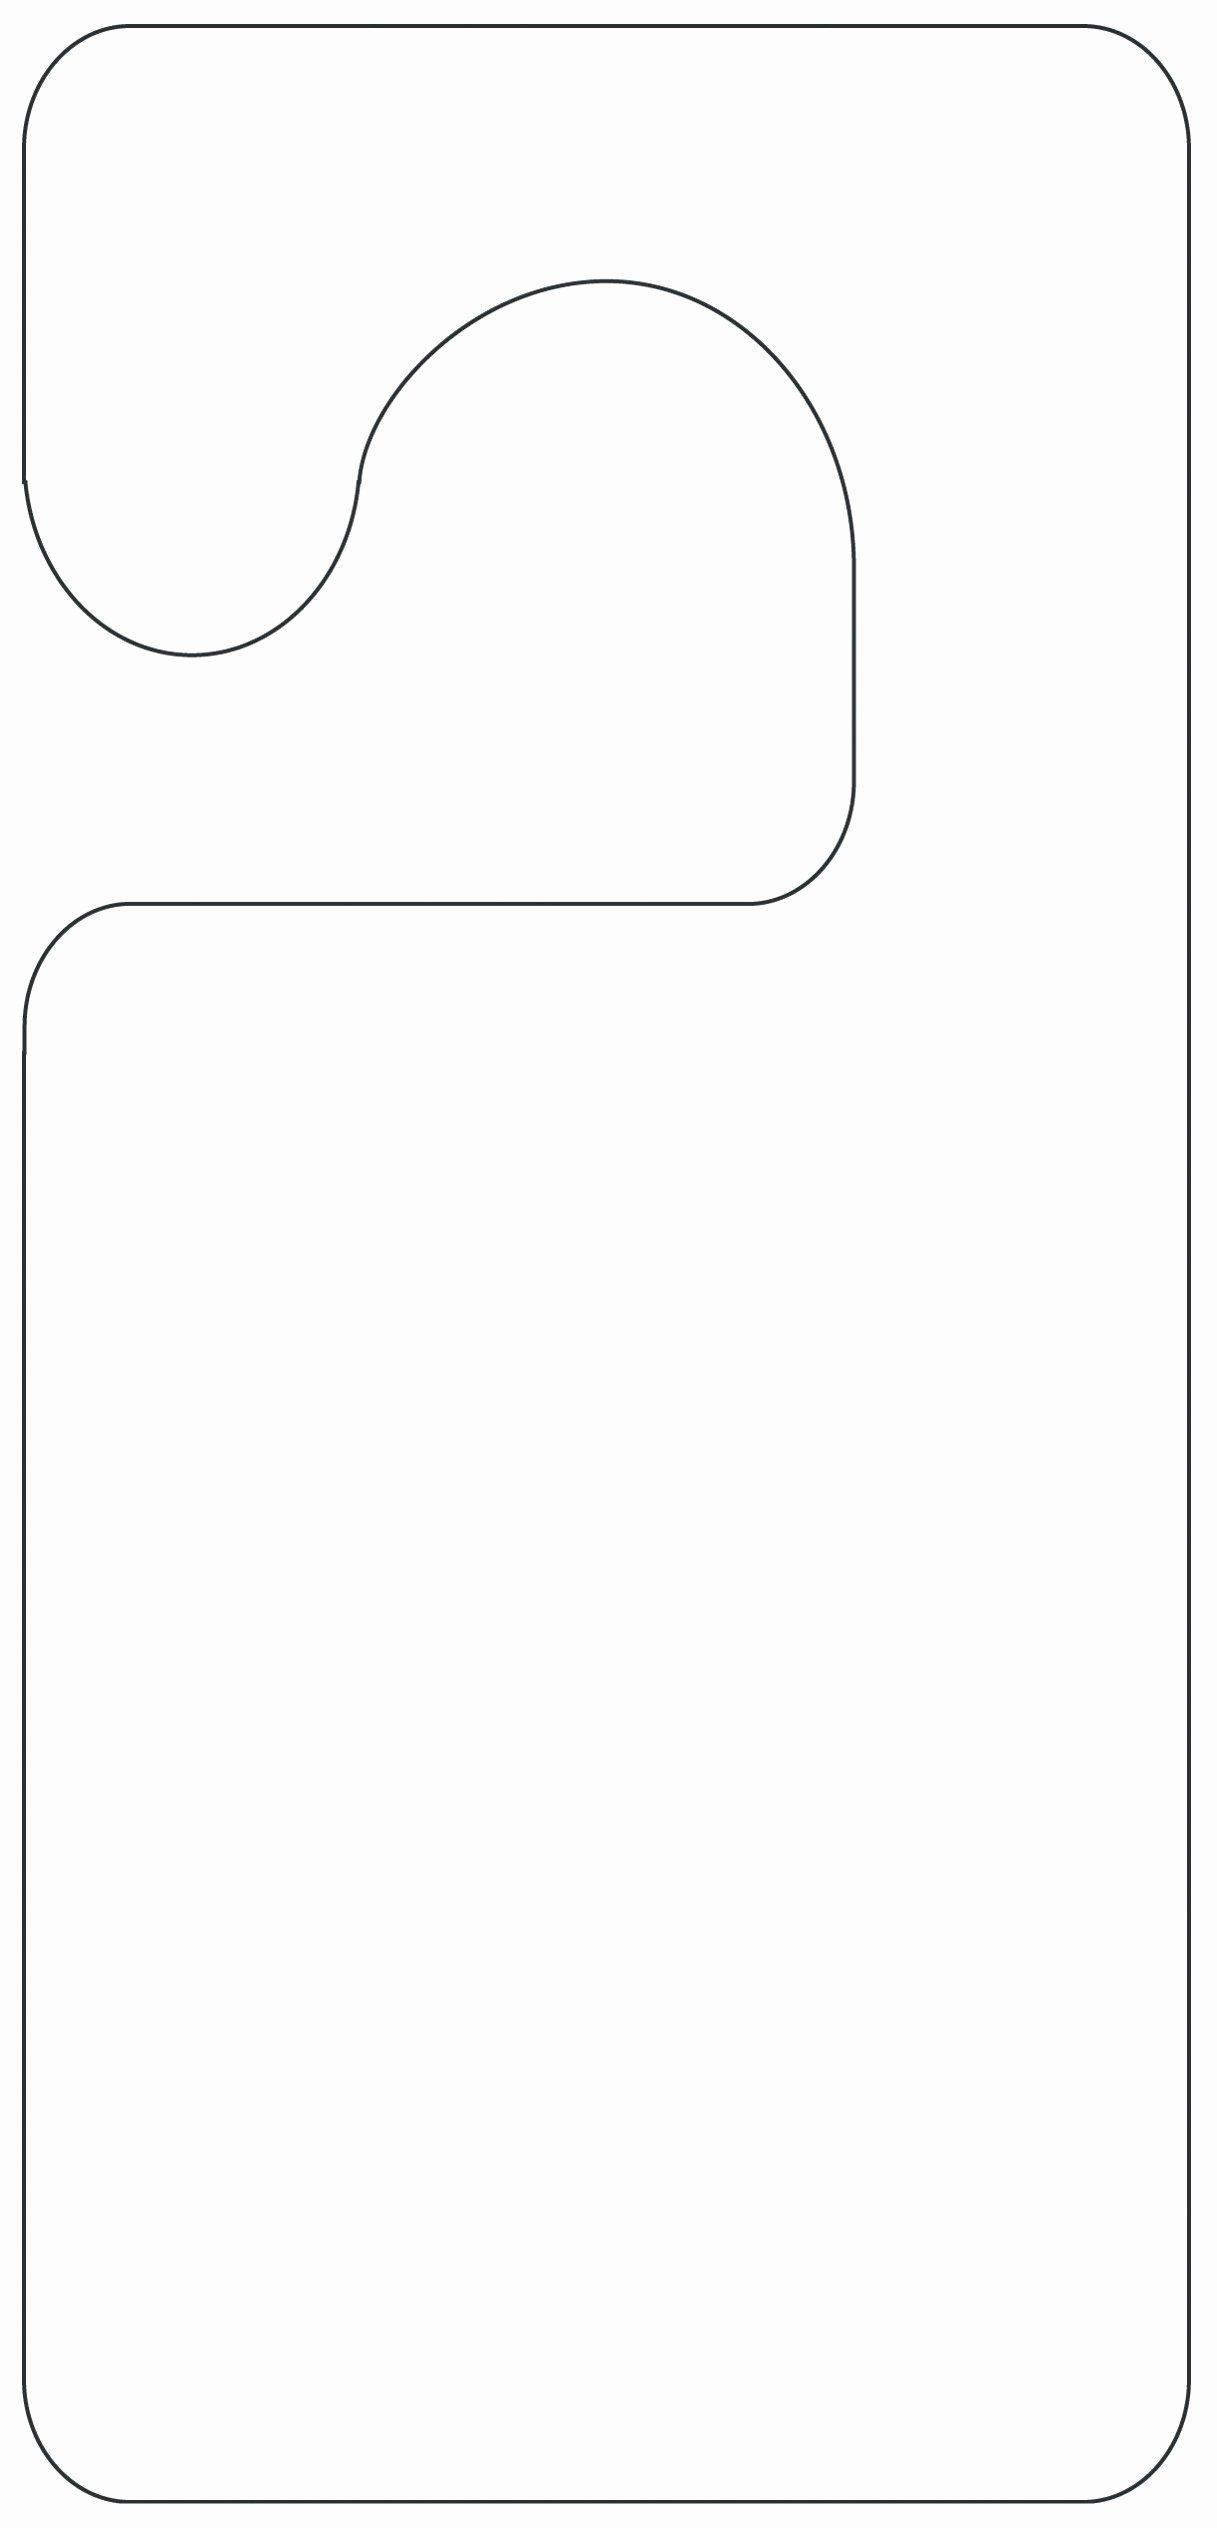 Door Knob Hanger Template Inspirational Door Knob Sign Template – Door Knobs